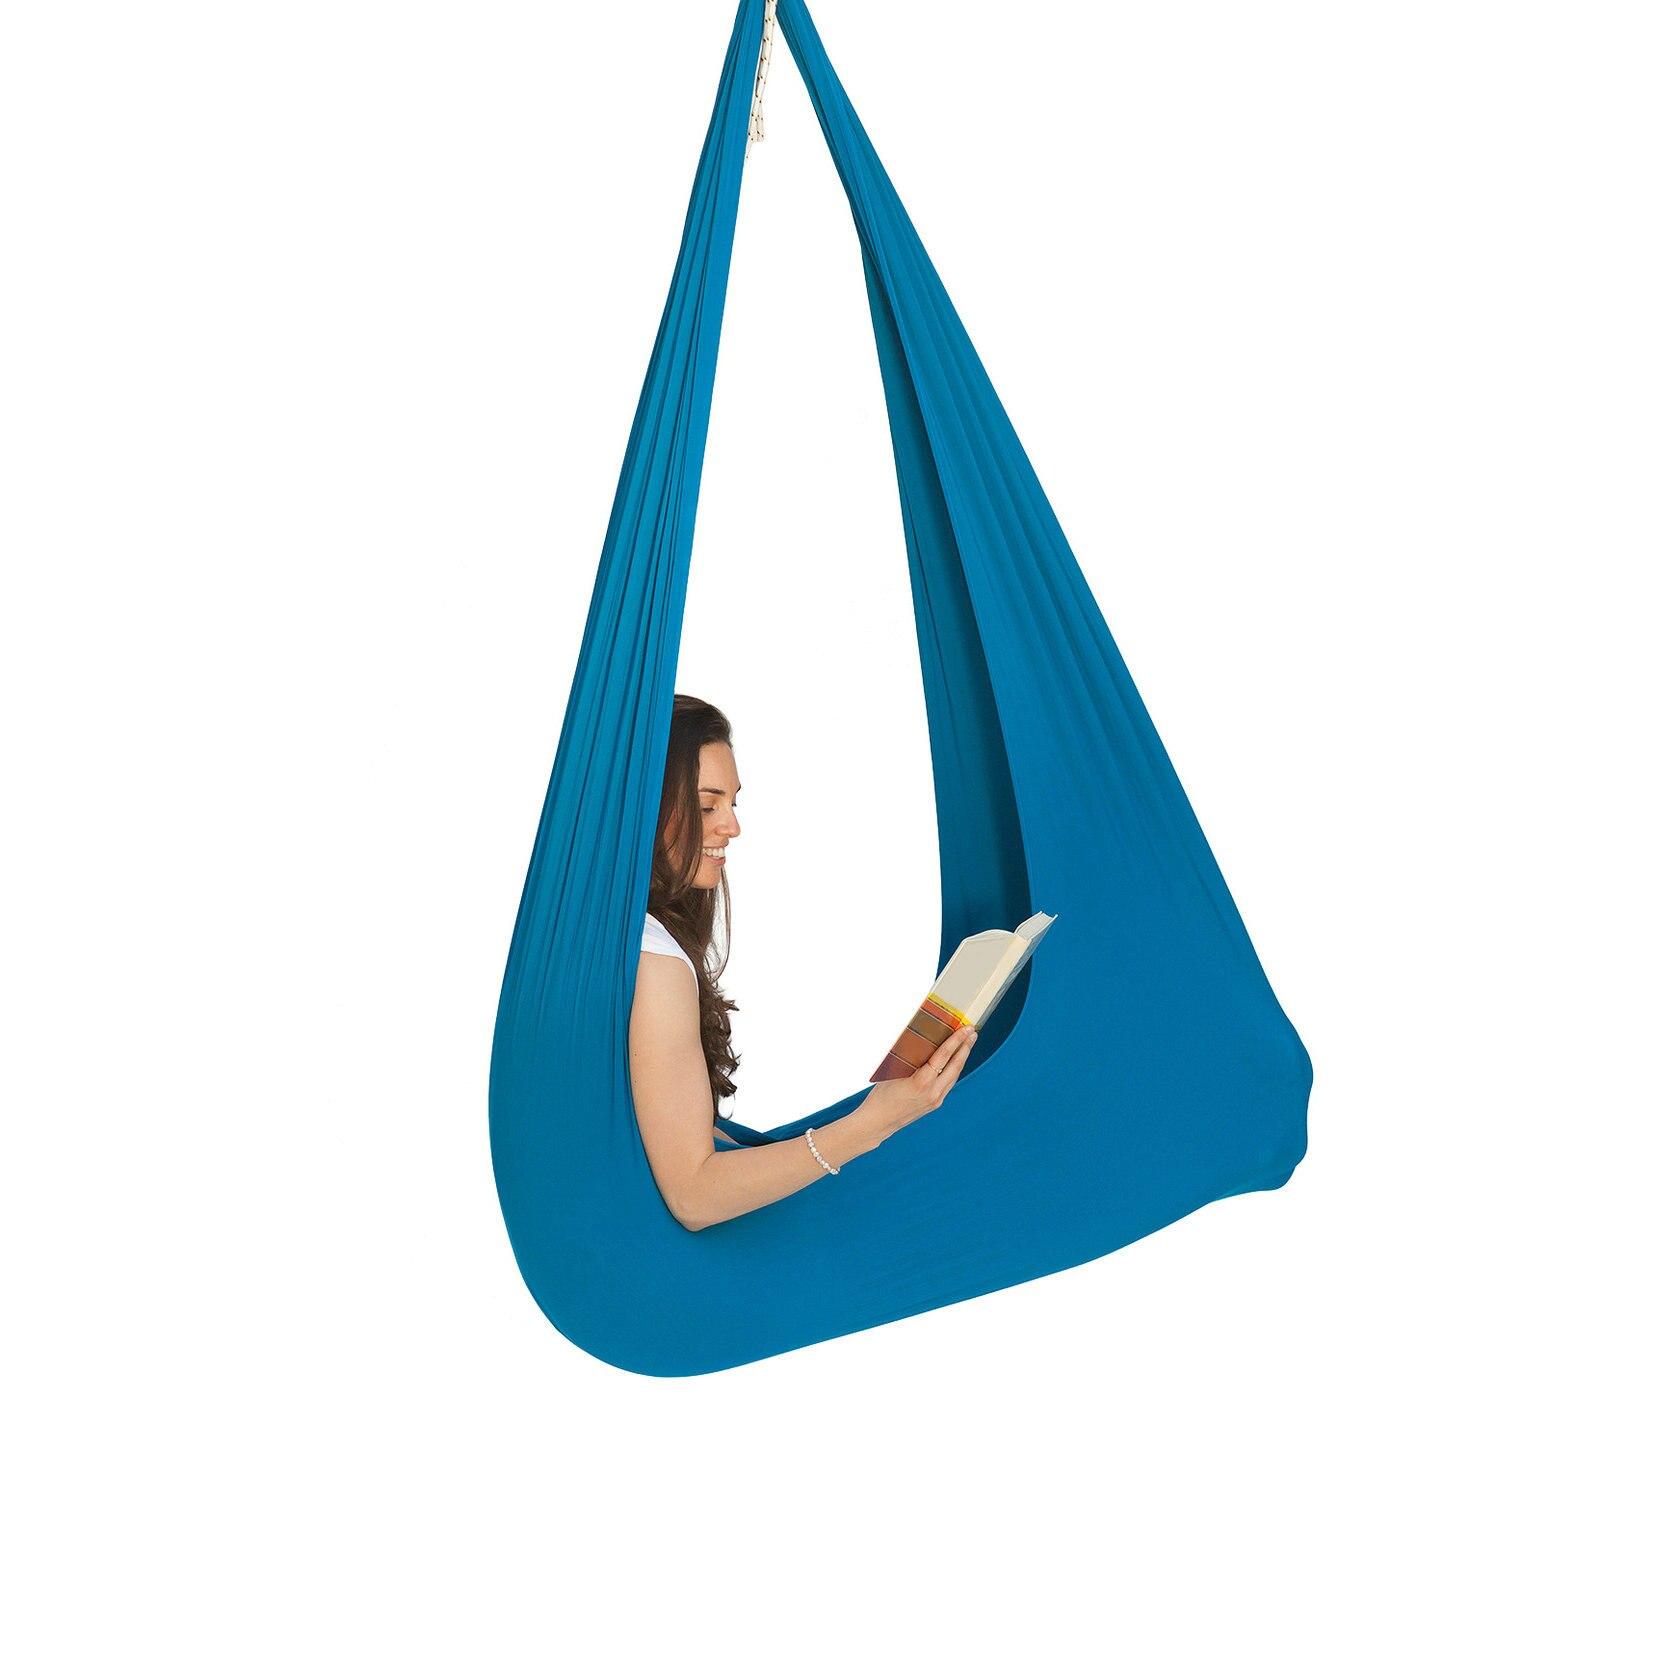 Outdoor Swing Cotton Maximum 30 Kg Elastic Swing Yoga Hammock Indoor Swing for Children Gift Hammock Chair